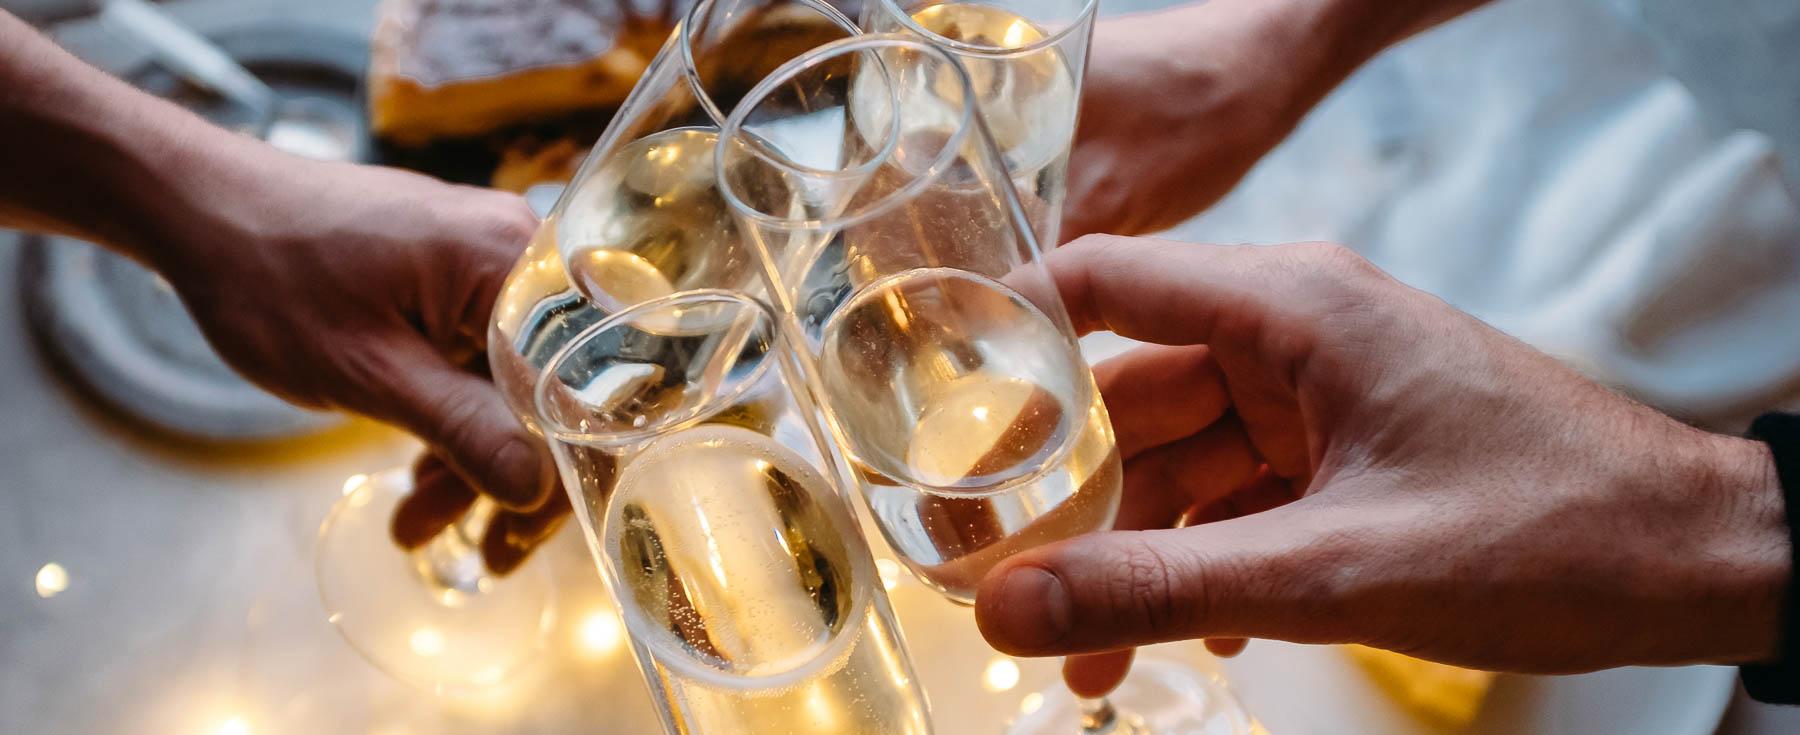 Crémant de Bordeaux, het vloeibare goud voor tijdens de eindejaarsfeesten